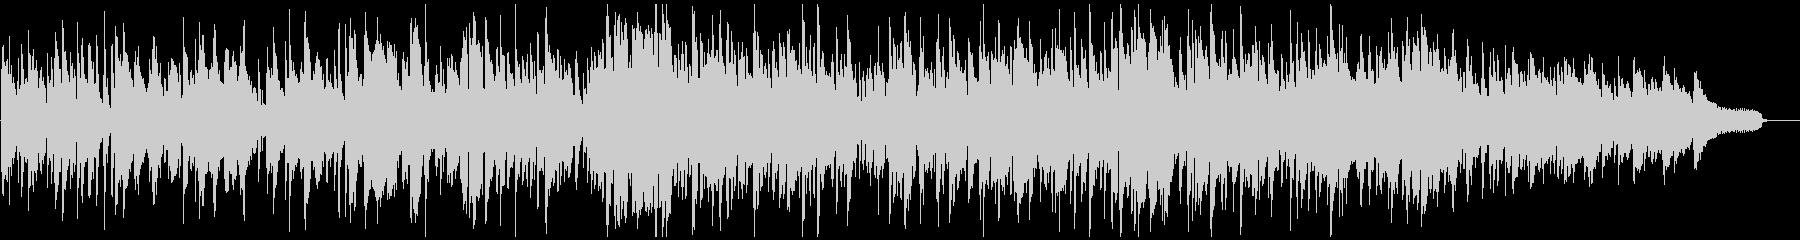 柔らかボサノバ、暖かい太い音色のメロデイの未再生の波形